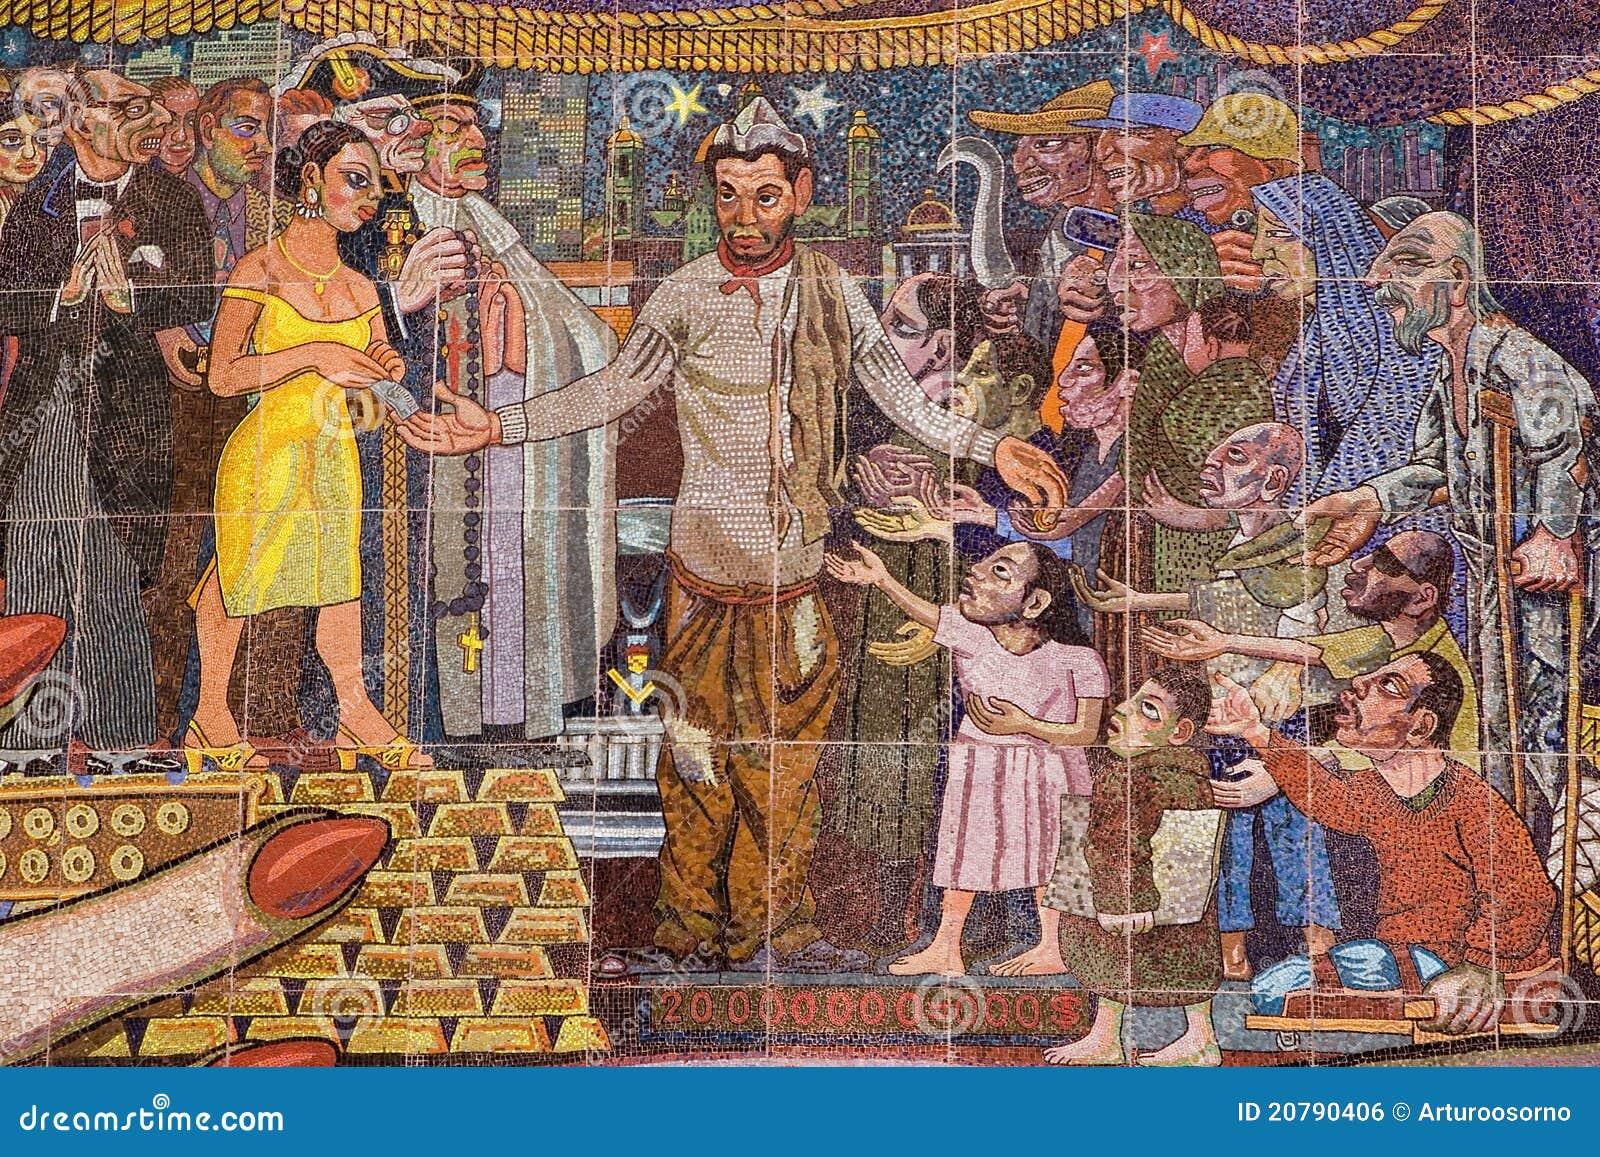 Mural Por Diego Rivera Foto Editorial Imagen De Abundancia 20790406